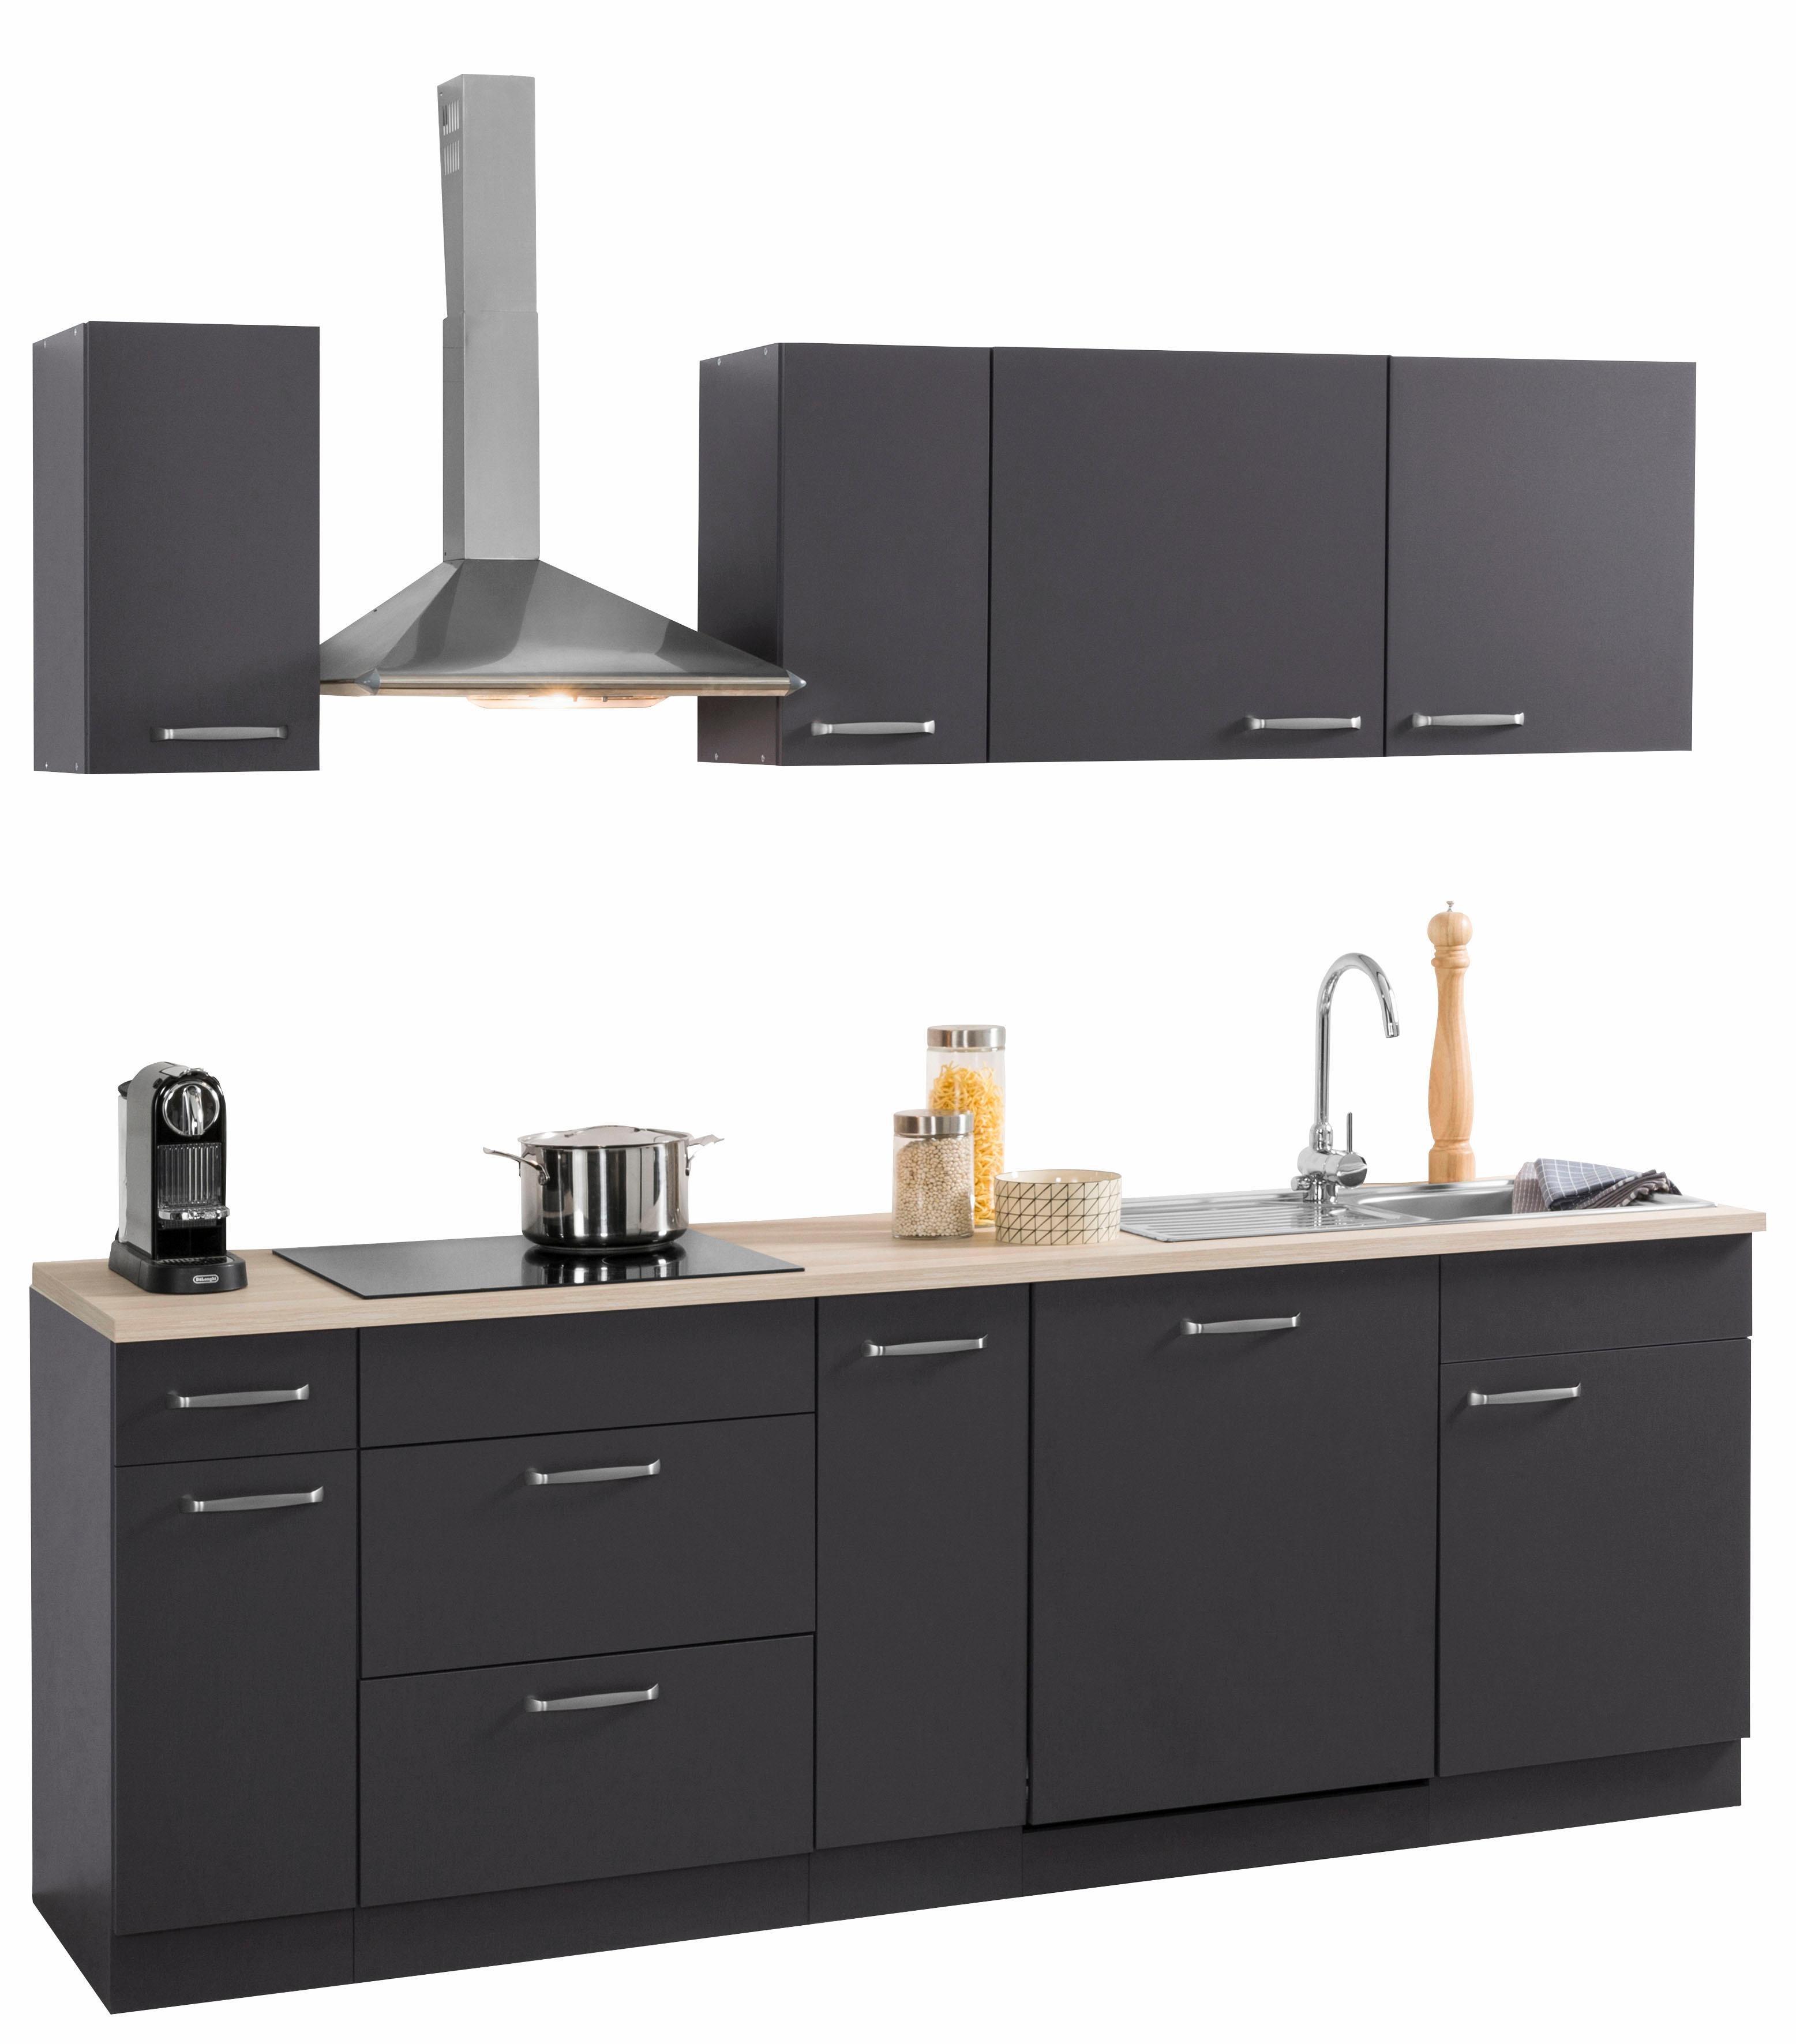 db 53 billiger finden geld sparen. Black Bedroom Furniture Sets. Home Design Ideas